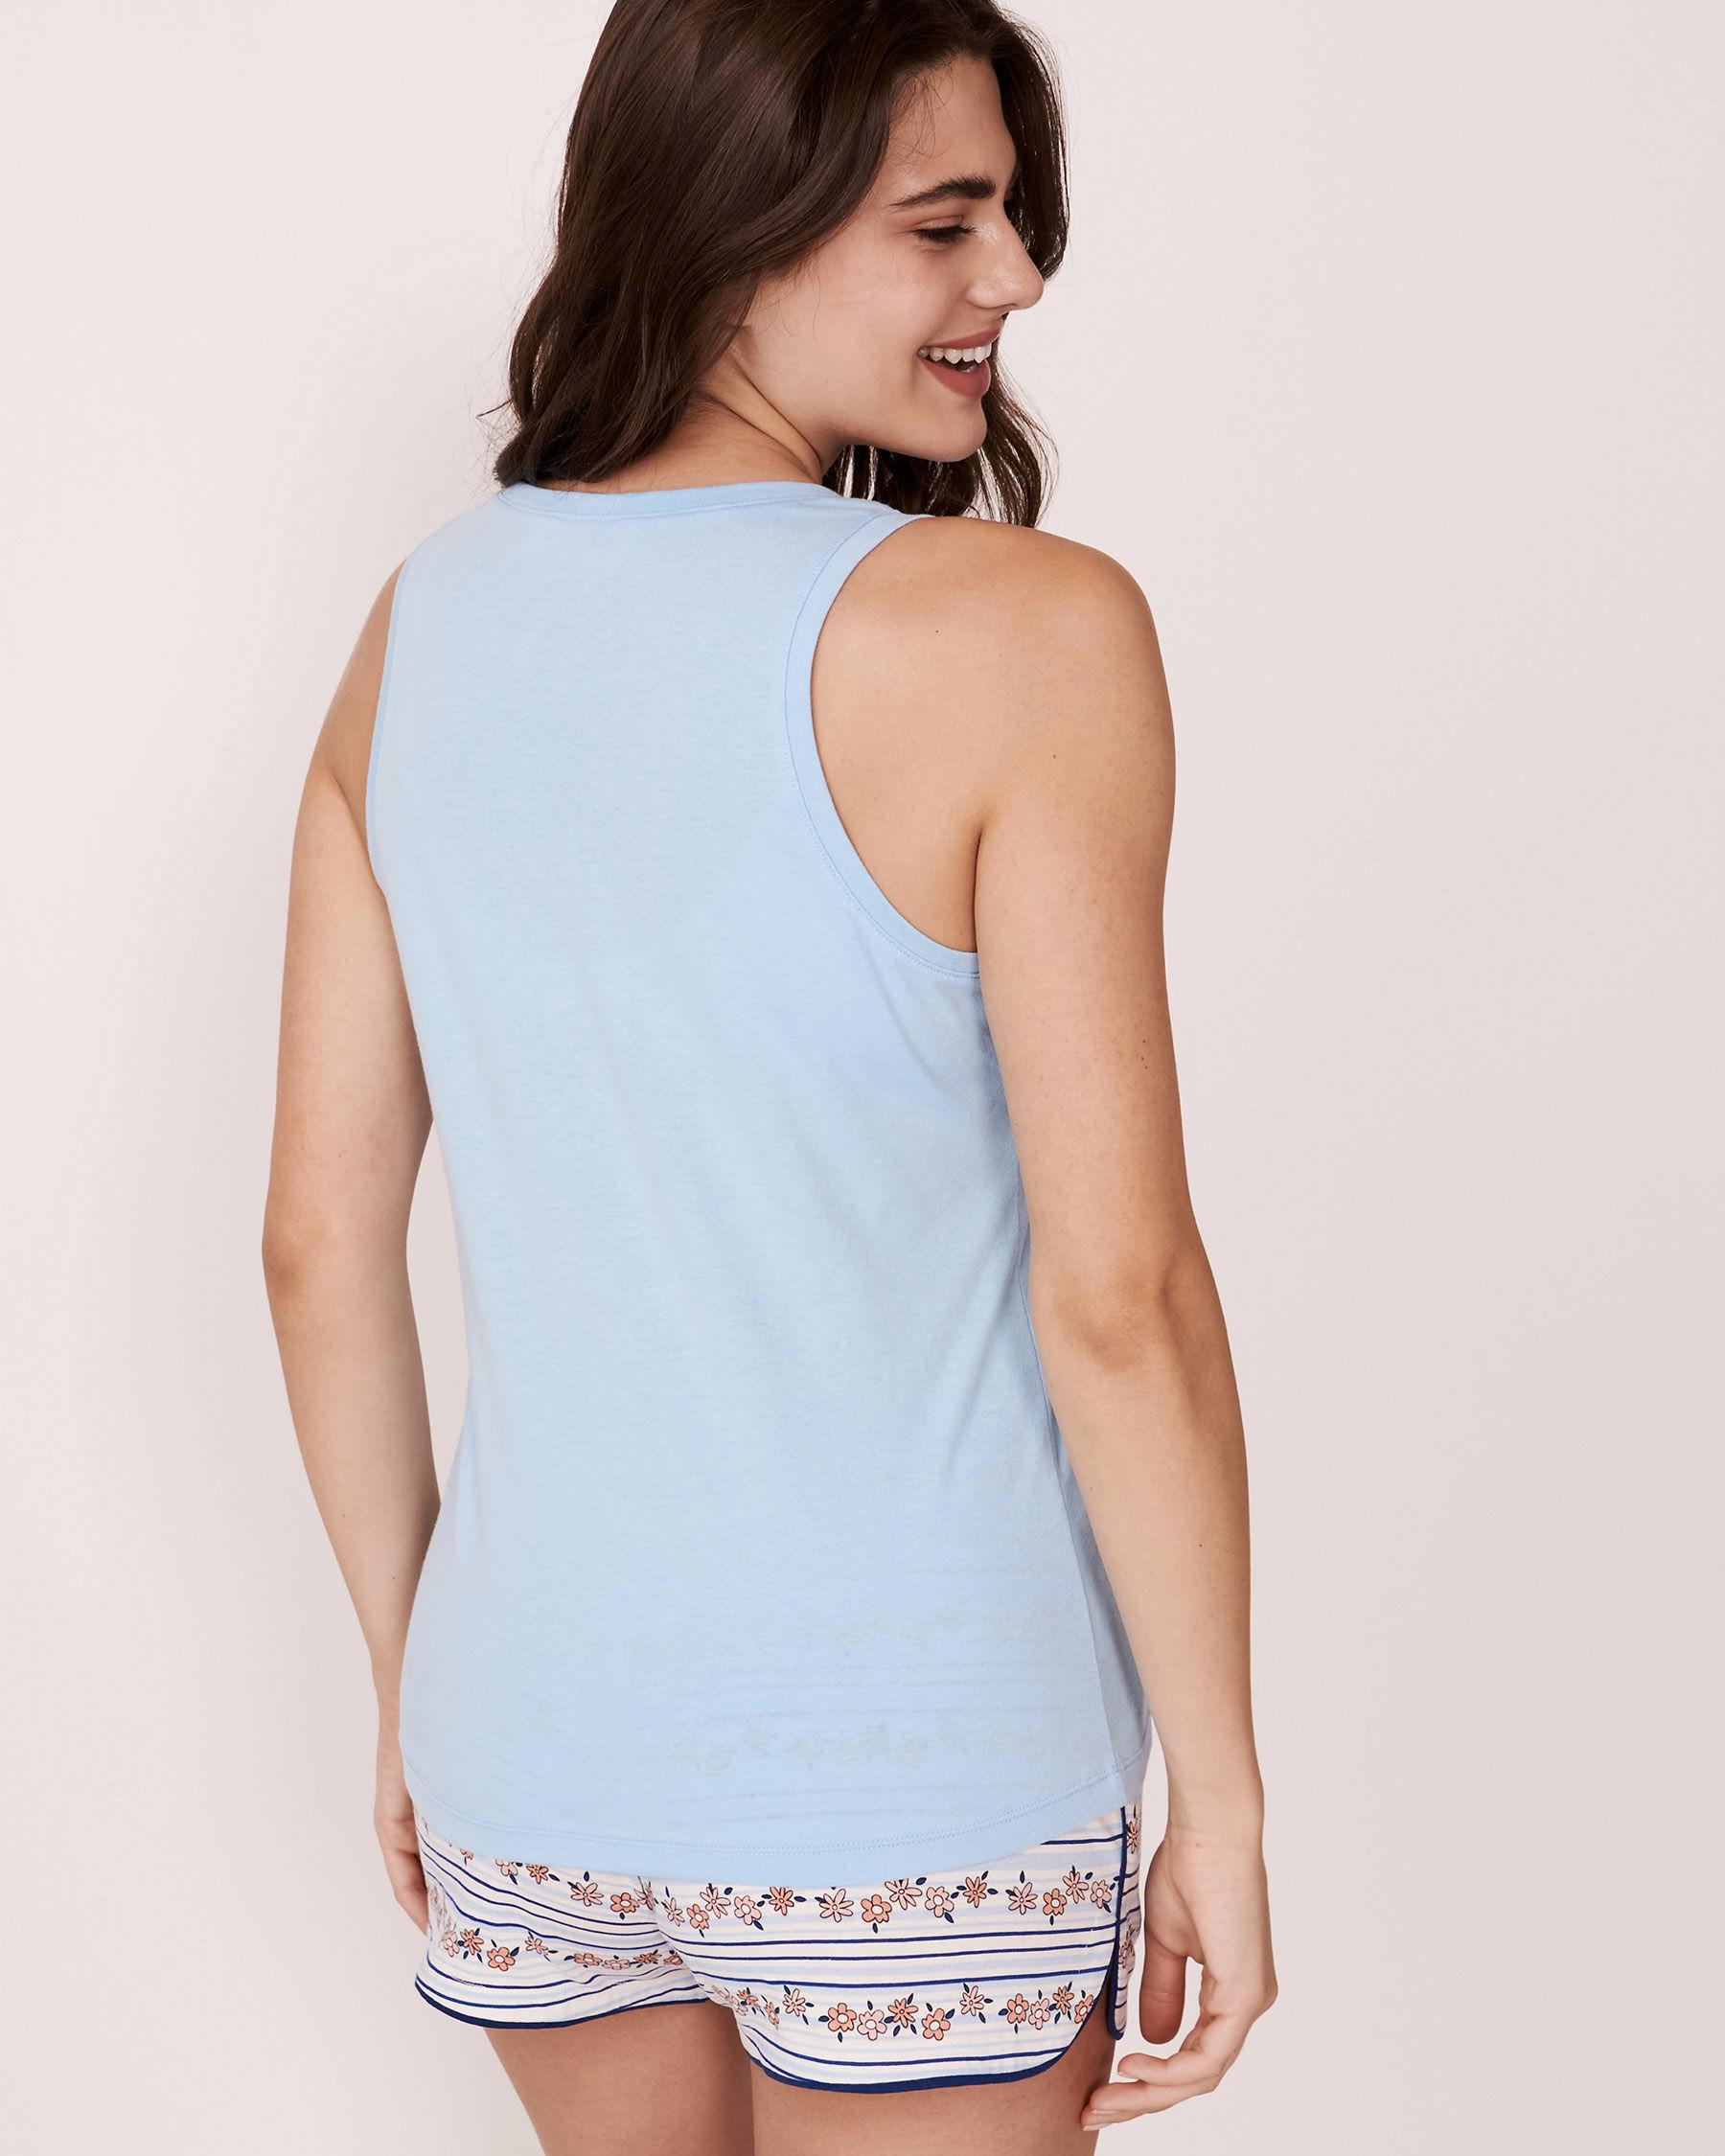 LA VIE EN ROSE Camisole encolure en V Bleu pâle 878-385-0-11 - Voir3